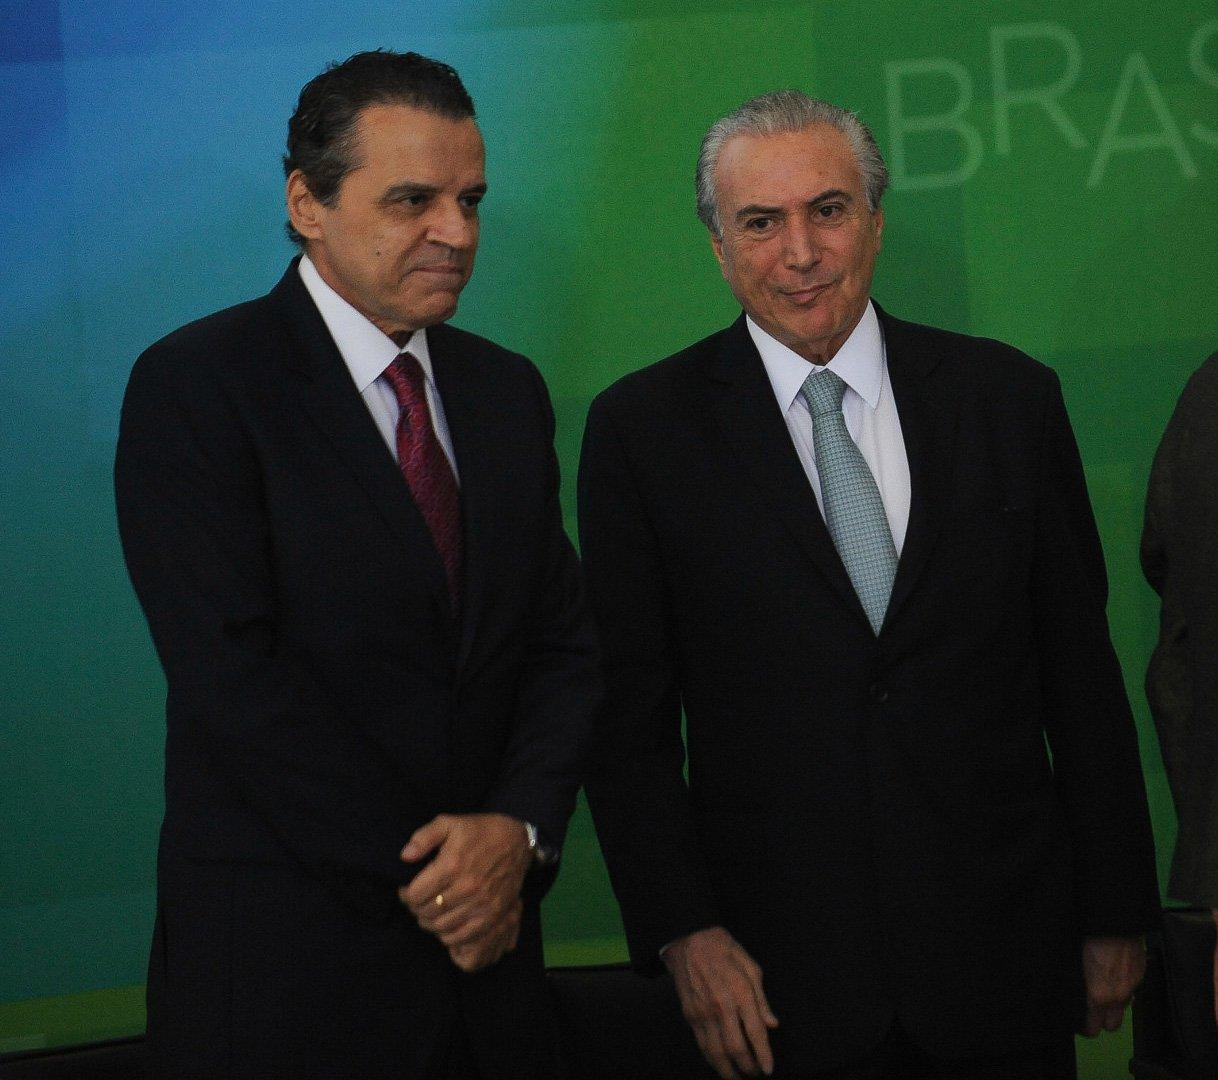 A presidenta Dilma Rousseff dá posse ao novo ministro do Turismo, Henrique Eduardo Alves. E/D: Henrique Alves, Michel Temer e Dilma Rousseff (José Cruz/Agência Brasil)